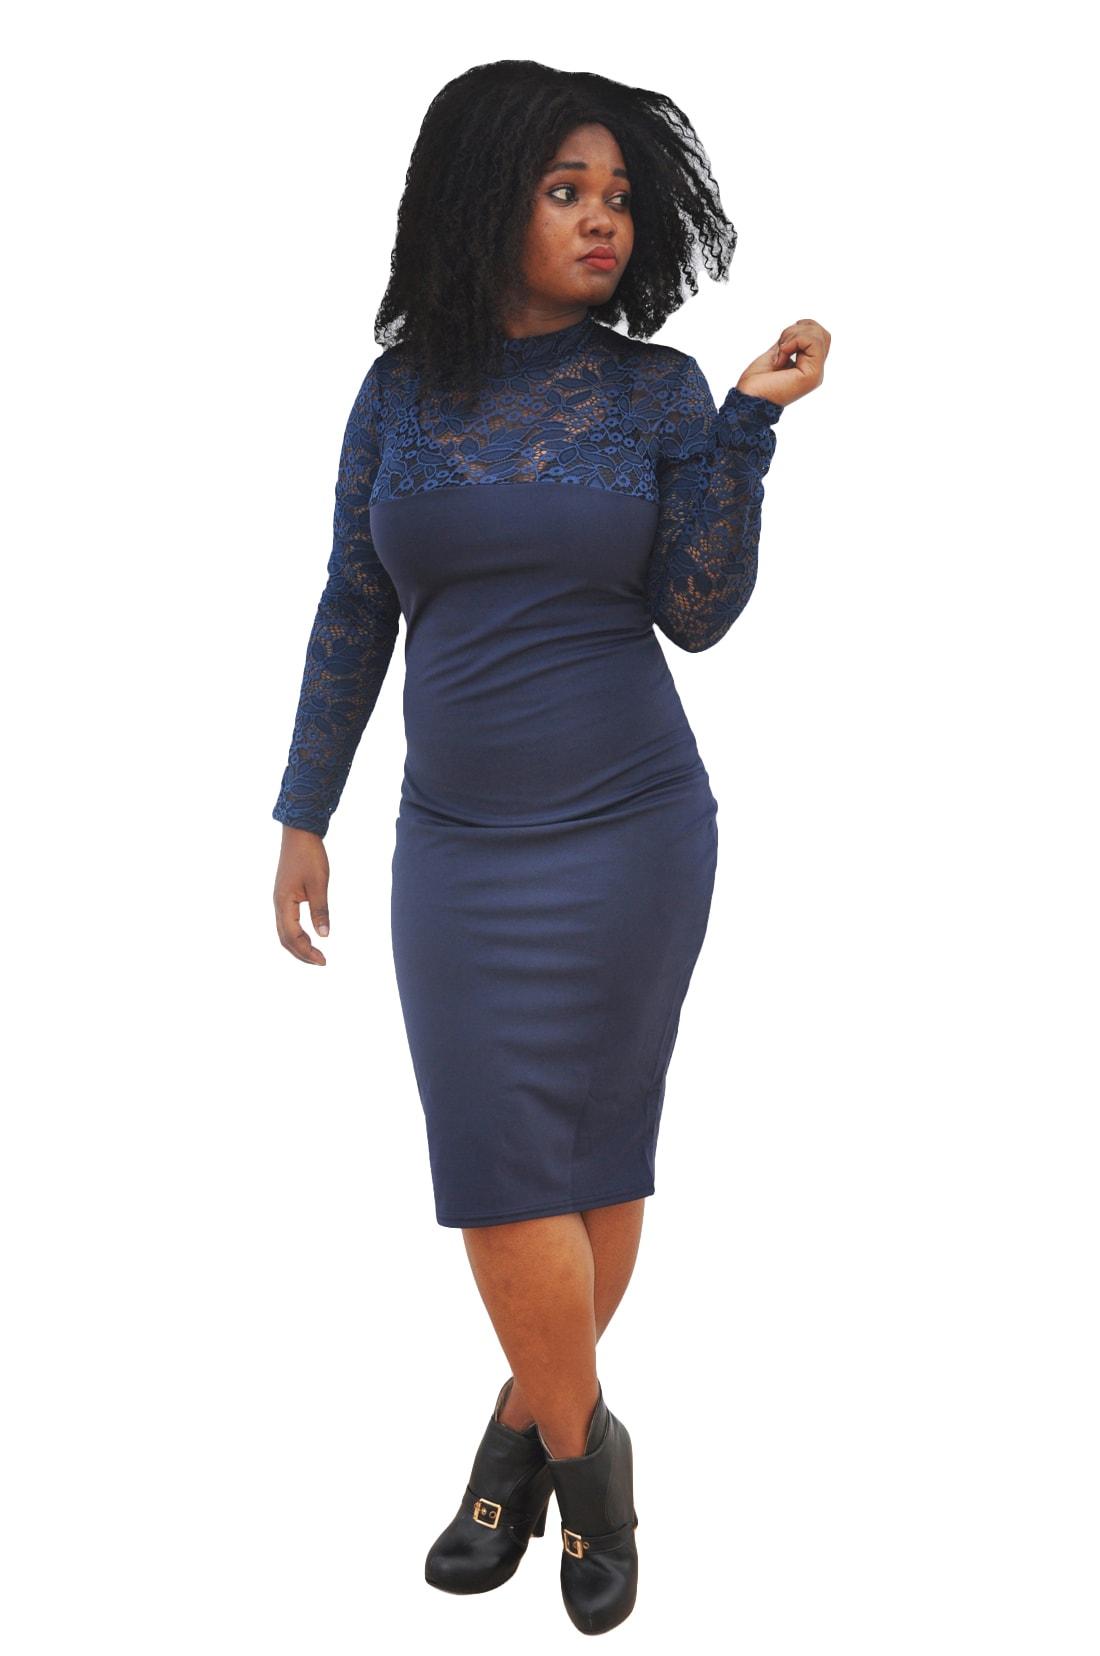 M0295 blue1 Bodycon Dresses maureens.com boutique